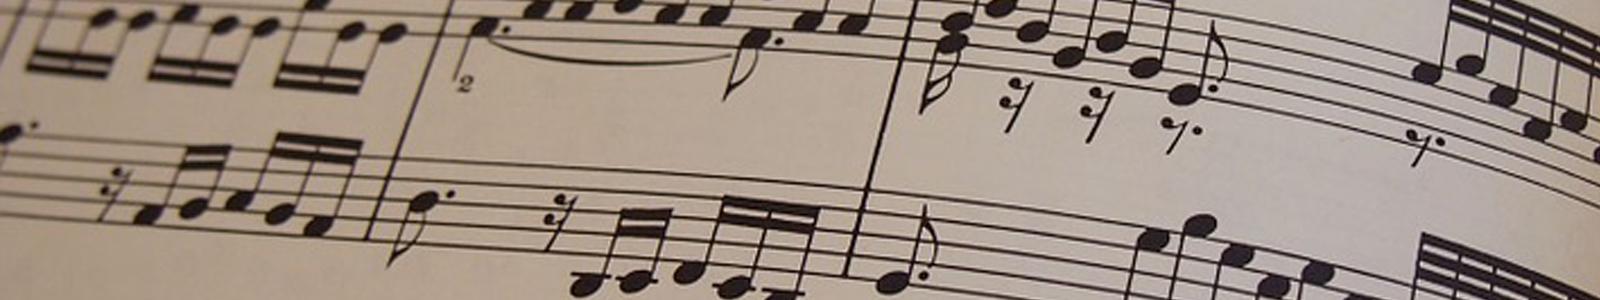 Muziekanalyse